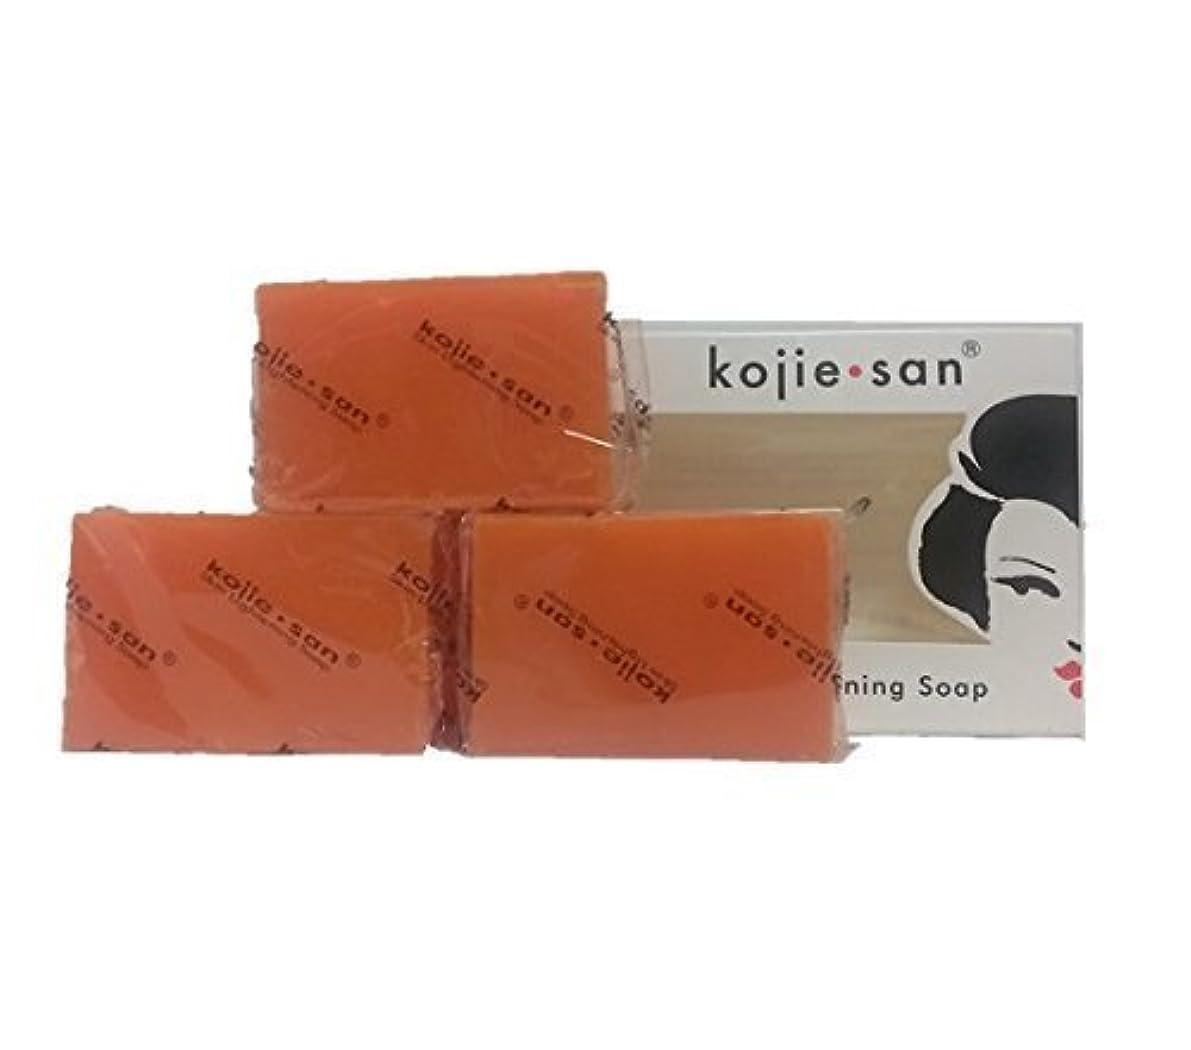 黙認する評議会しっとりKojie san Skin Lightning Soap 3 pcs こじえさんスキンライトニングソープ3個パック [並行輸入品]